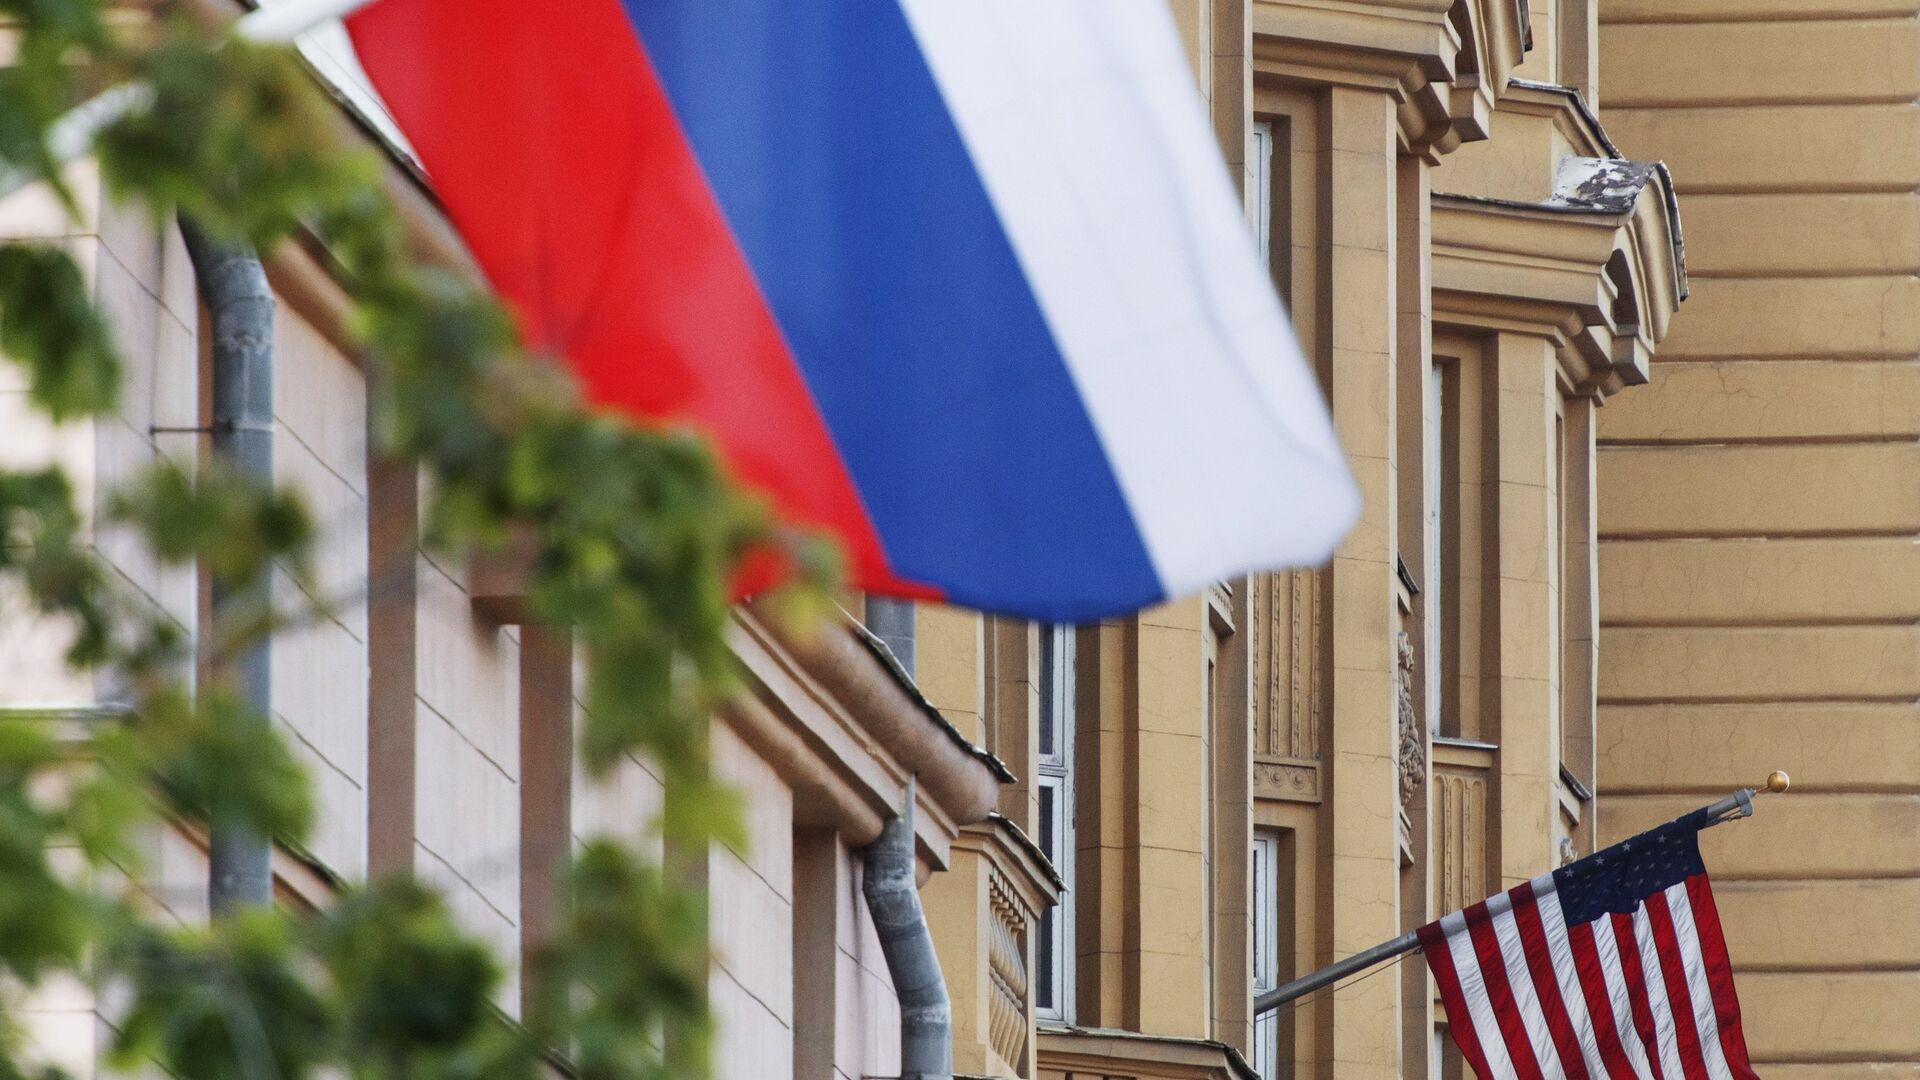 Государственные флаги России и США на здании американского посольства в Москве - РИА Новости, 1920, 10.09.2020